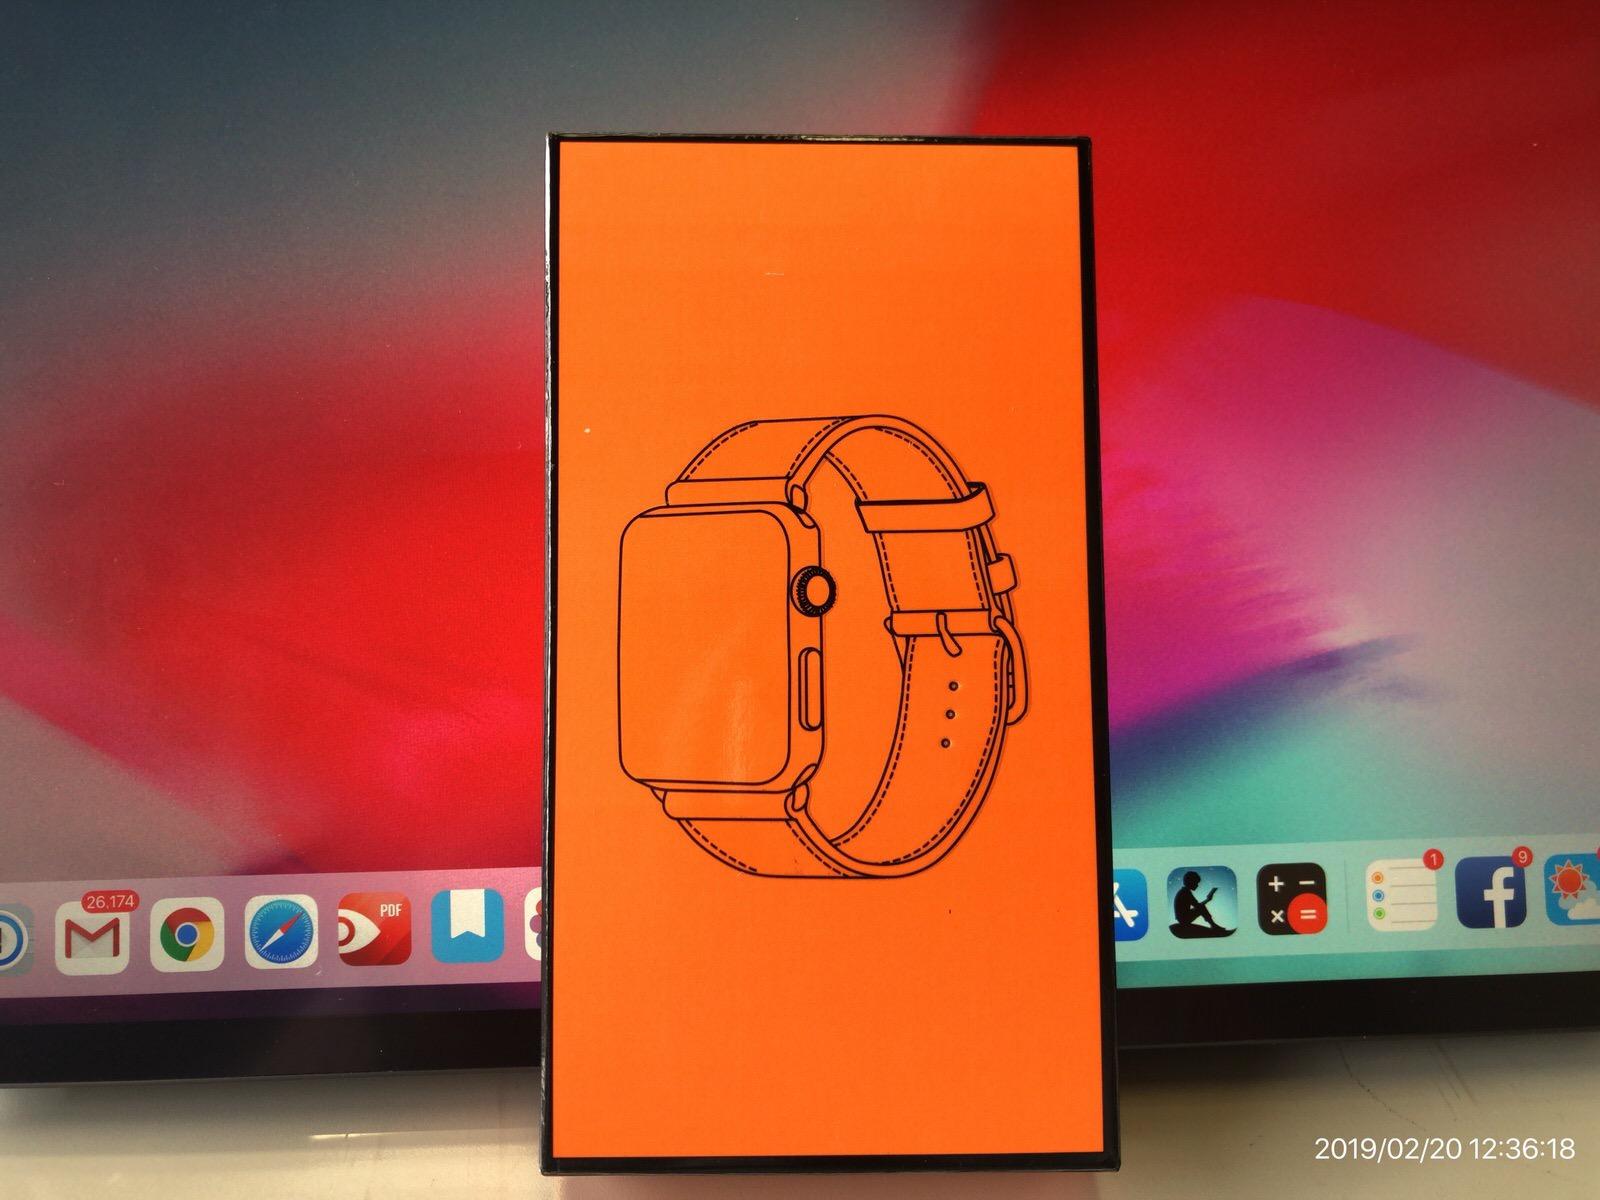 BRG コンパチブル Apple Watch Series 4(44mm)本革バンド(ブラウン)−1